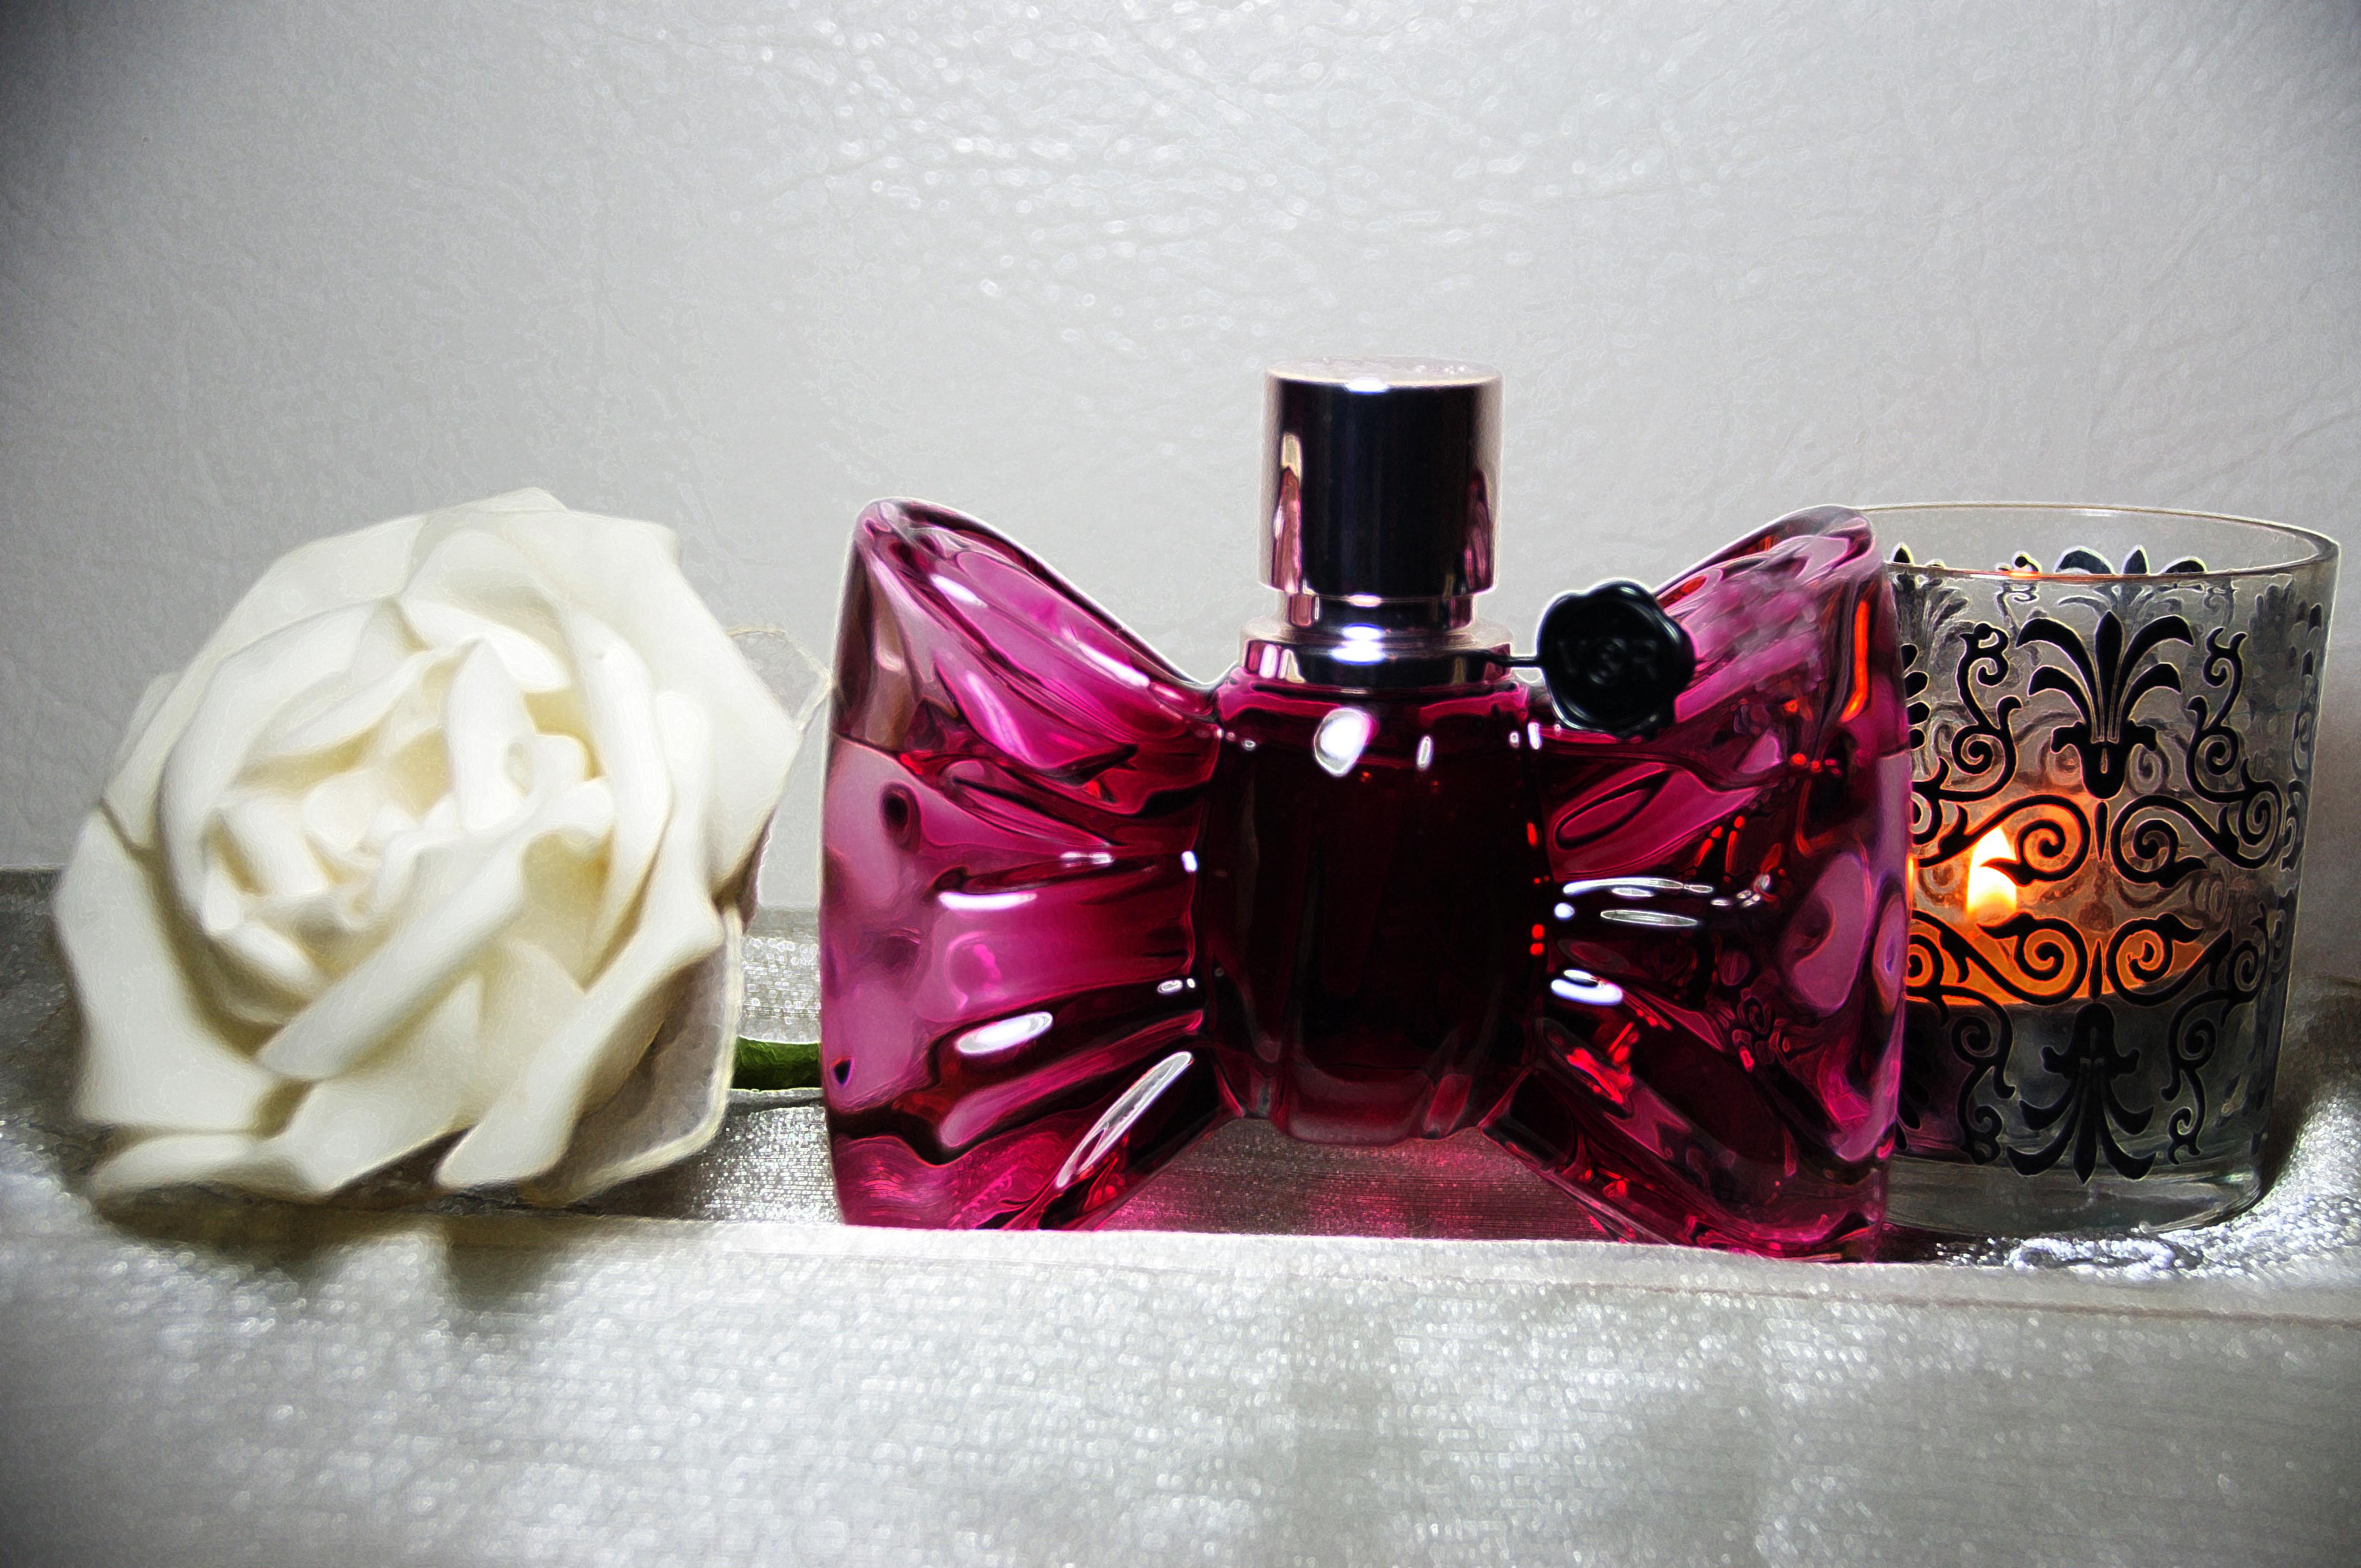 Viktor & rolf, bonbon, parfum sucré, bonbon viktor & rolf, tendance parfums, parfum gourmand